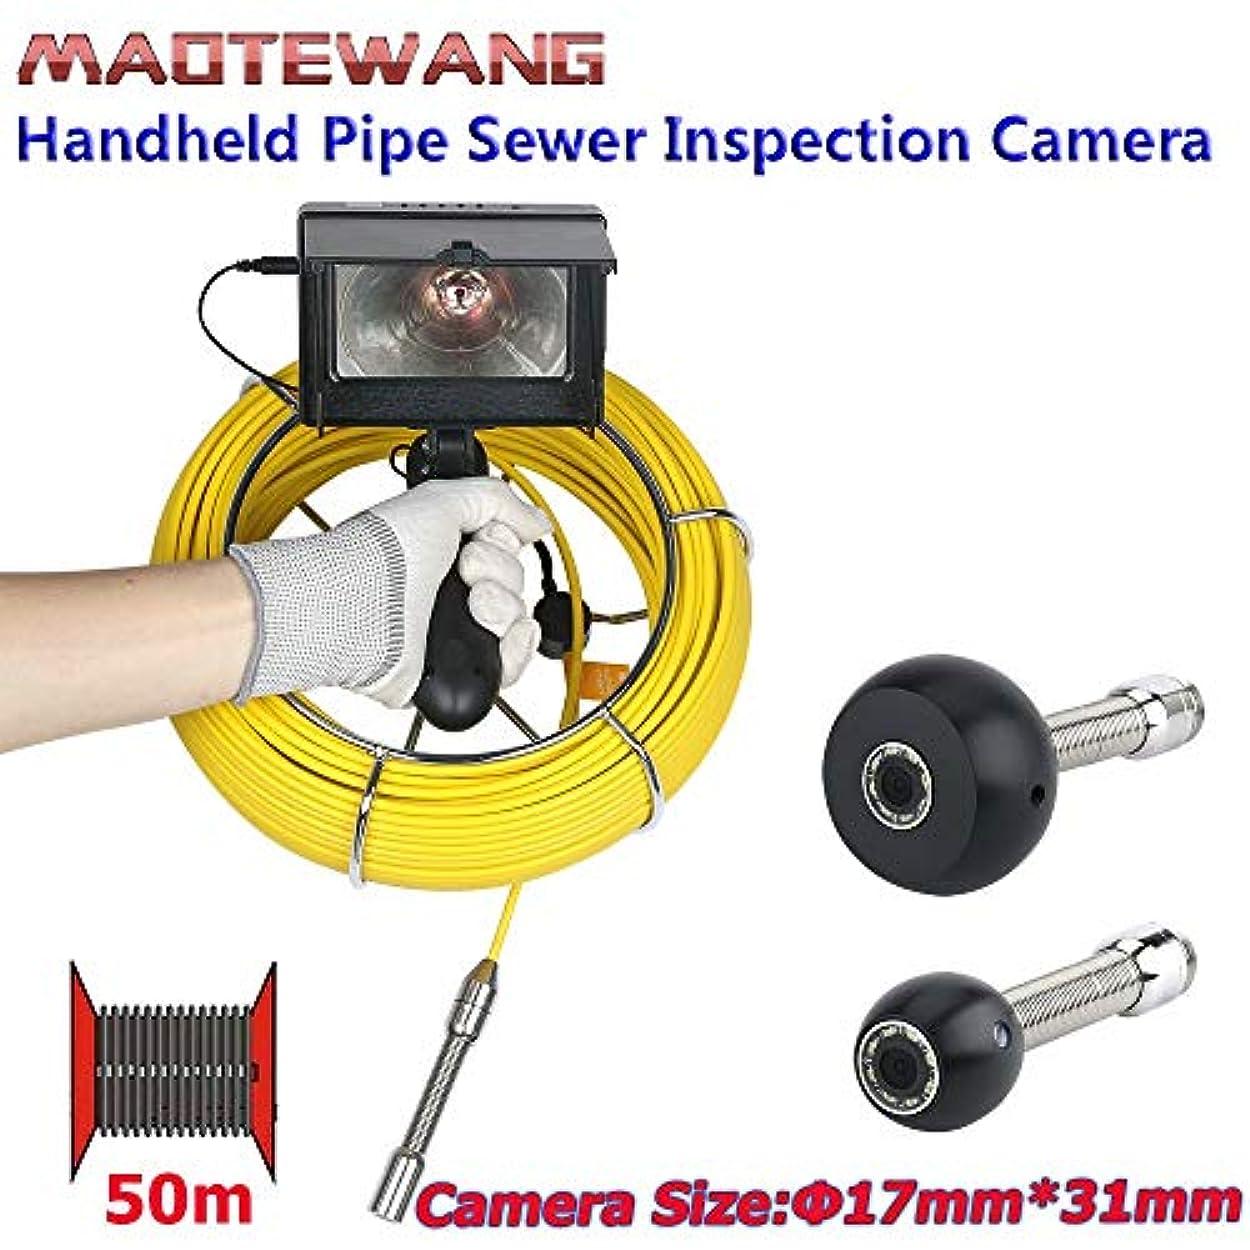 測定定常最大の4.3インチ17ミリメートルハンドヘルド工業用パイプ下水道検査ビデオカメラip68防水排水管下水道検査カメラシステム1000 tvlカメラ付き8ピースledライト,50M